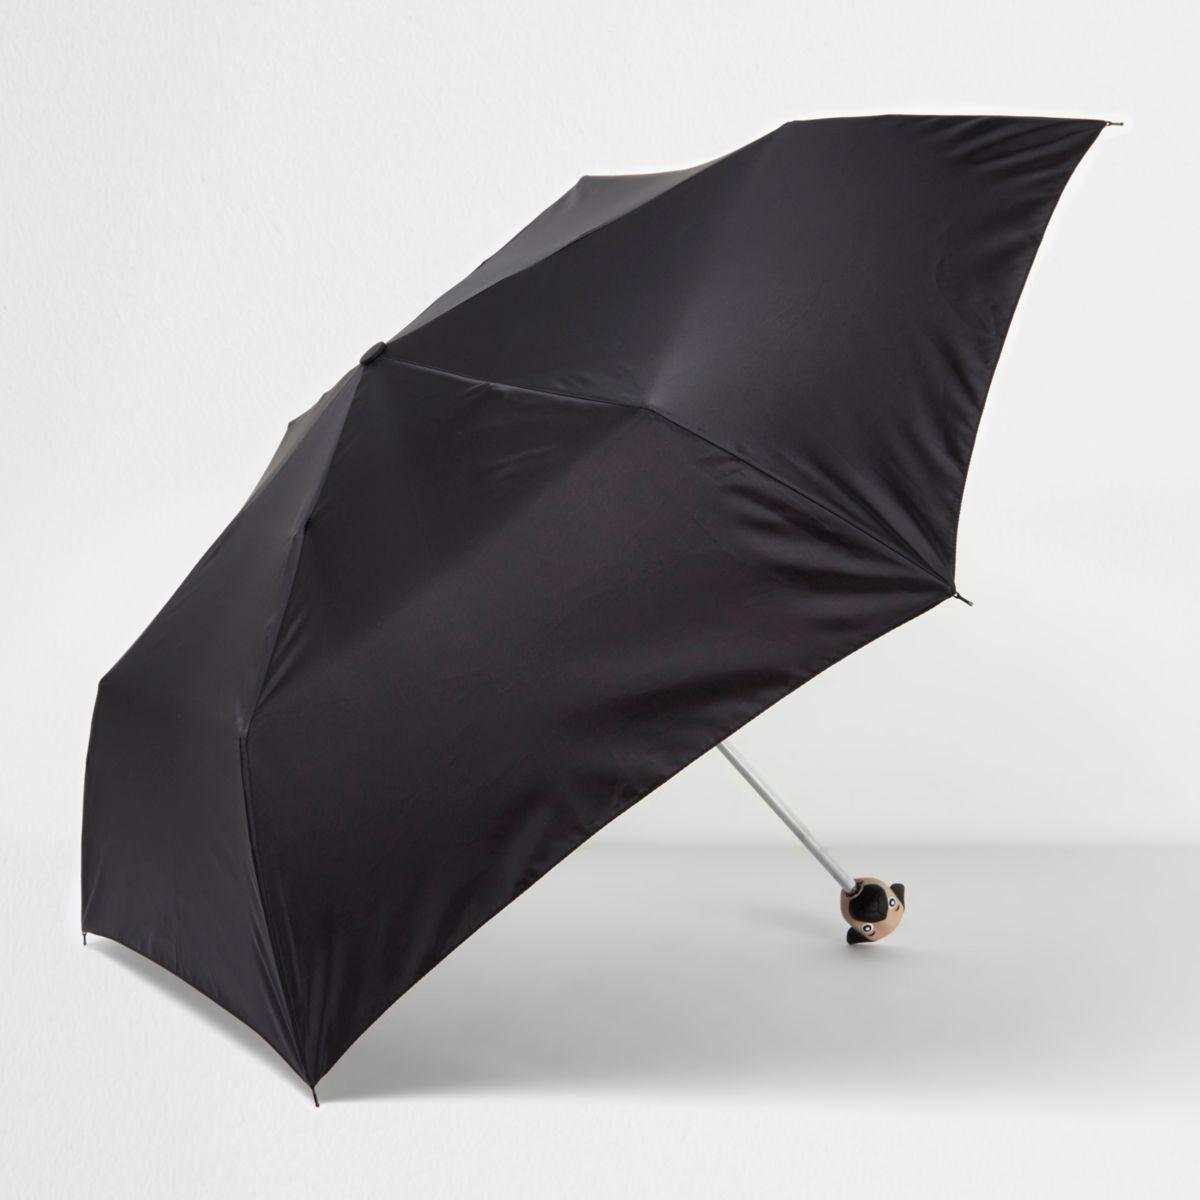 Black pug umbrella